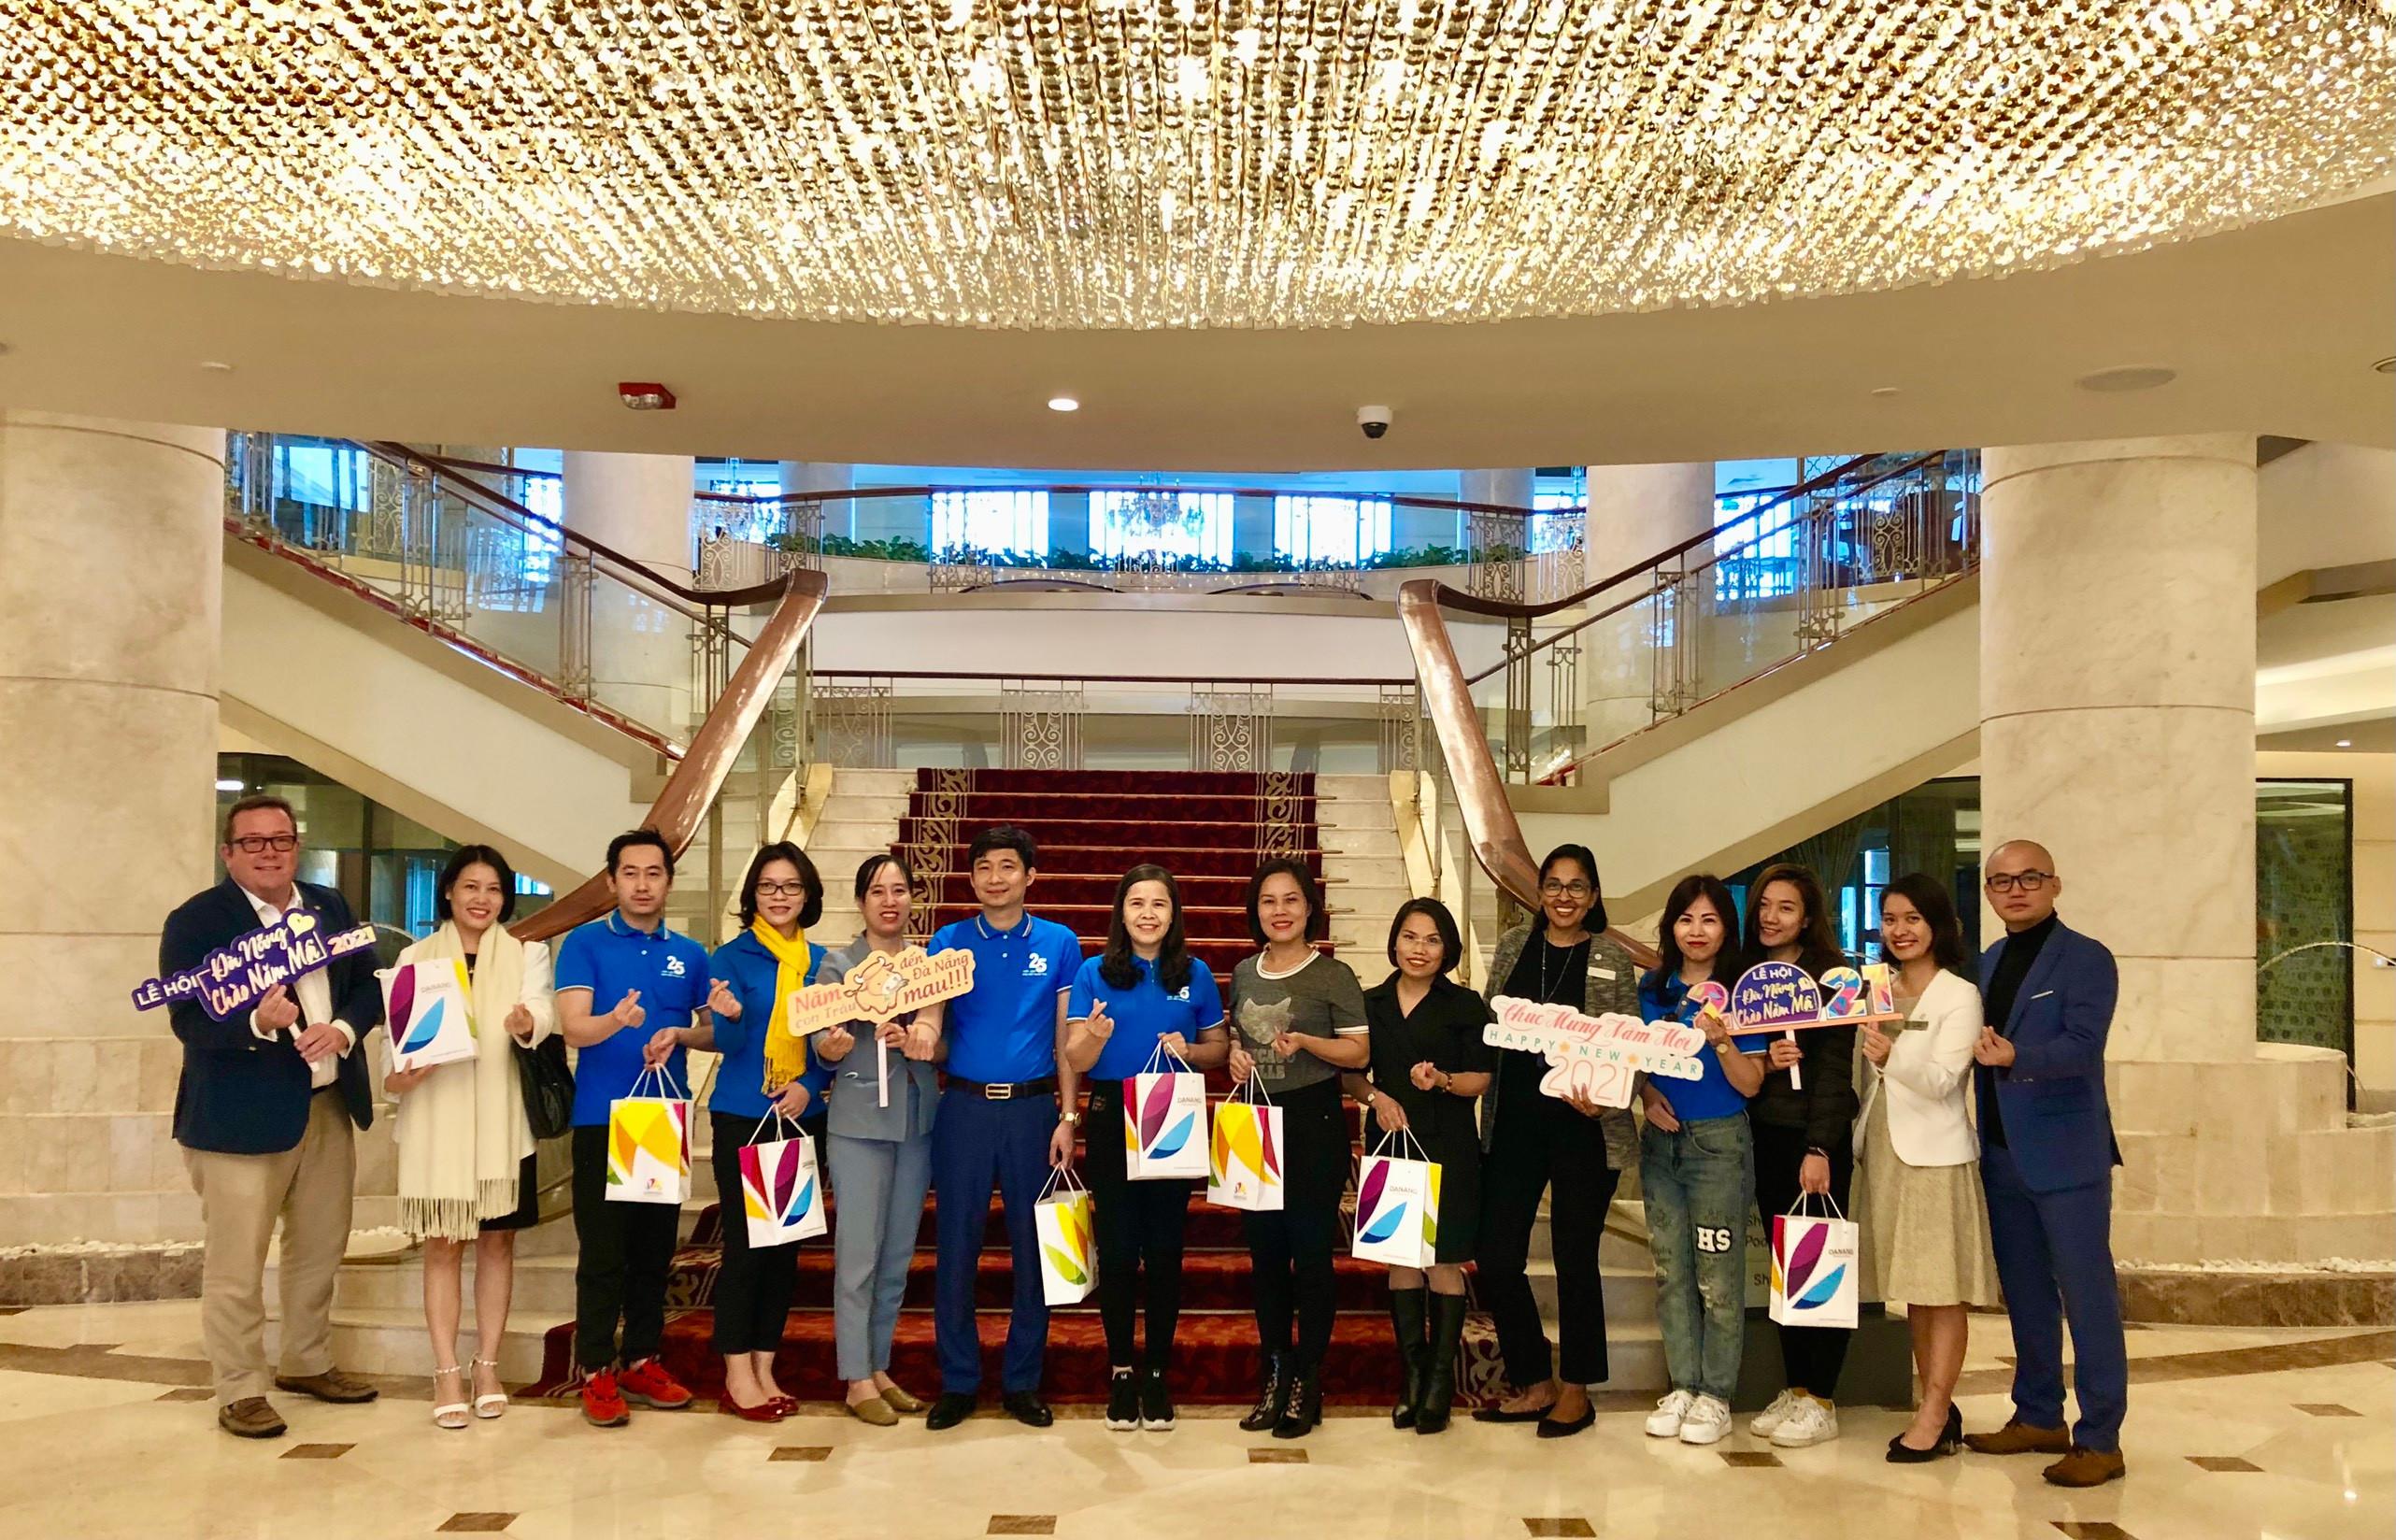 Du lịch MICE Đà Nẵng khởi động đầu năm với 1.000 khách